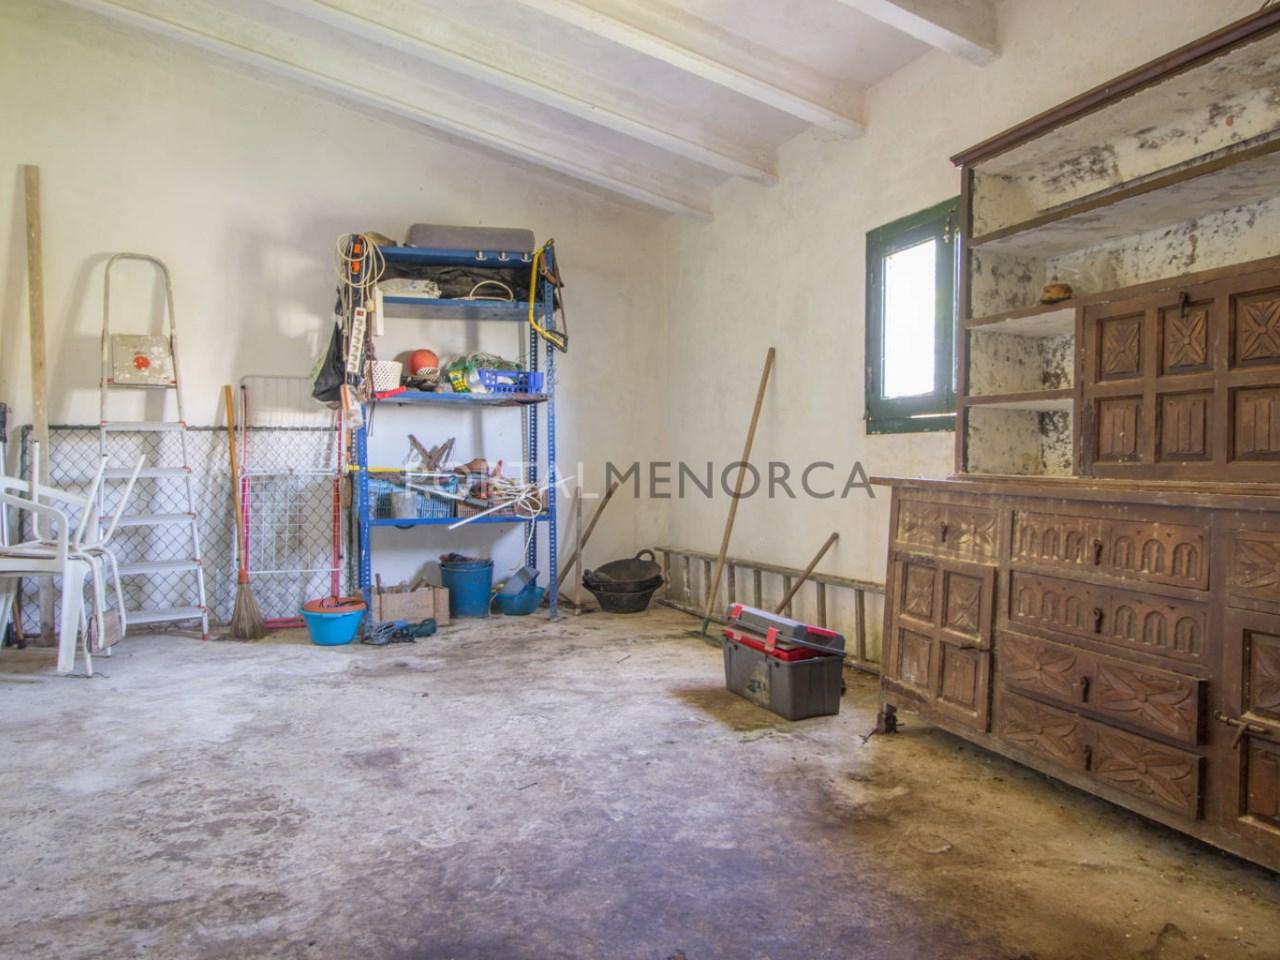 Re_ 3 Cocina y almacén planta baja s'uestra (3)